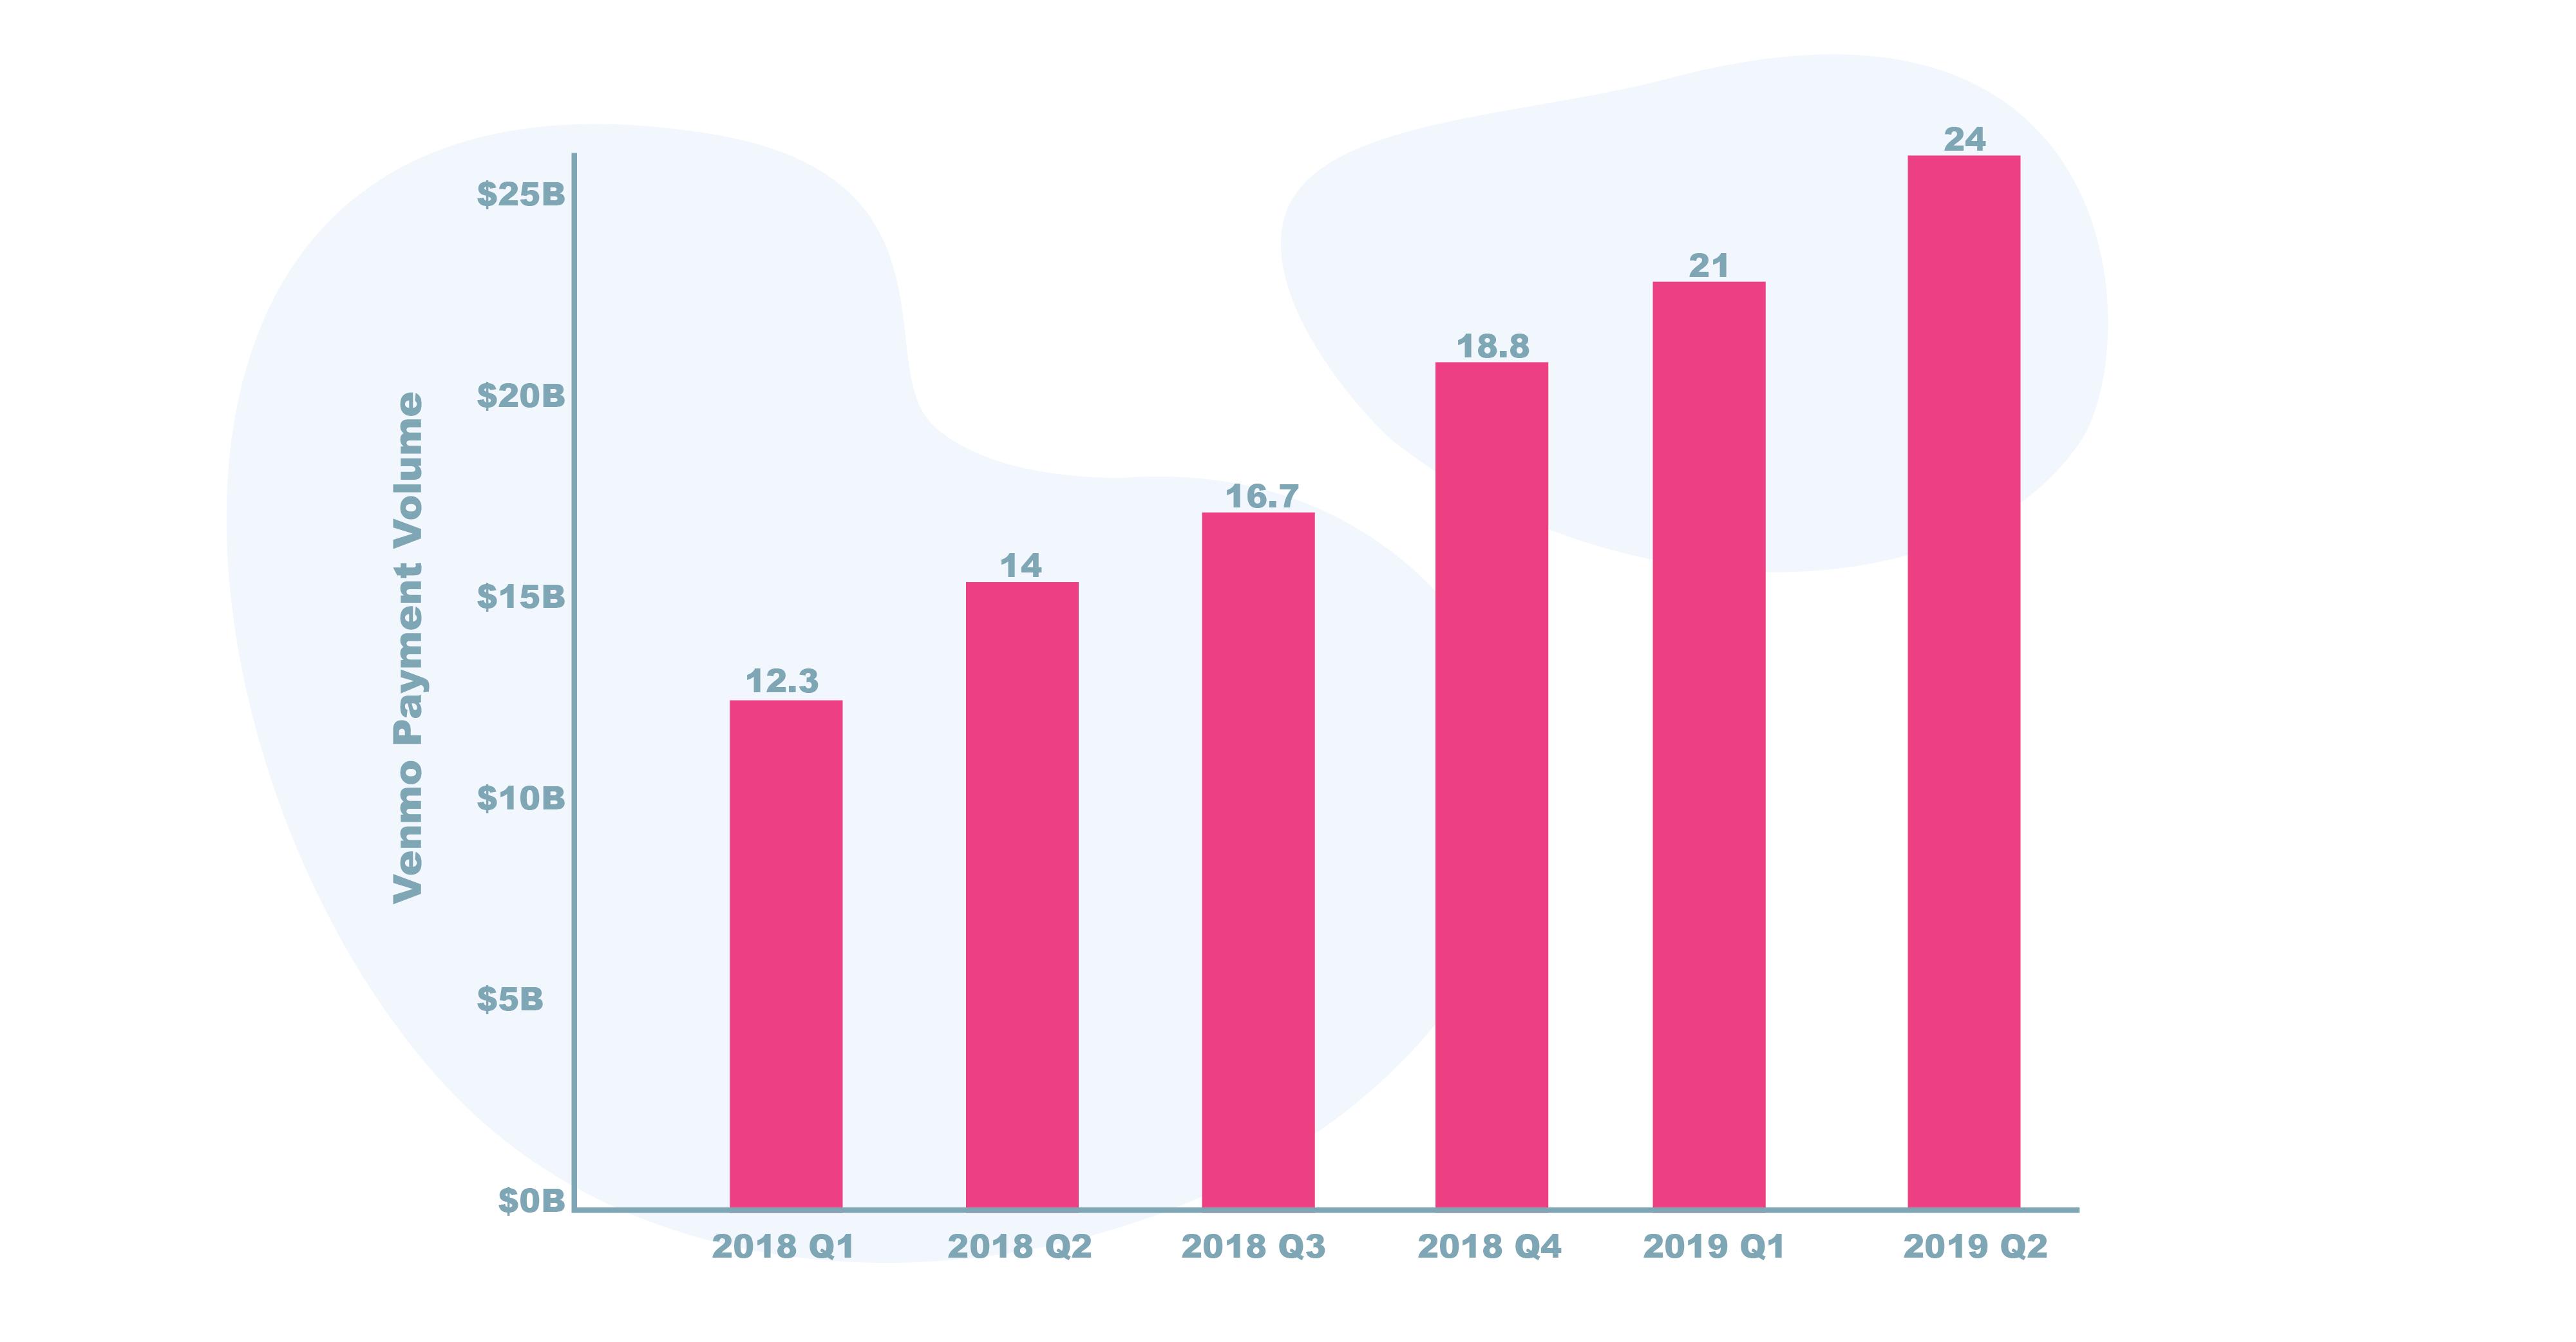 Venmo app market growth worldwide